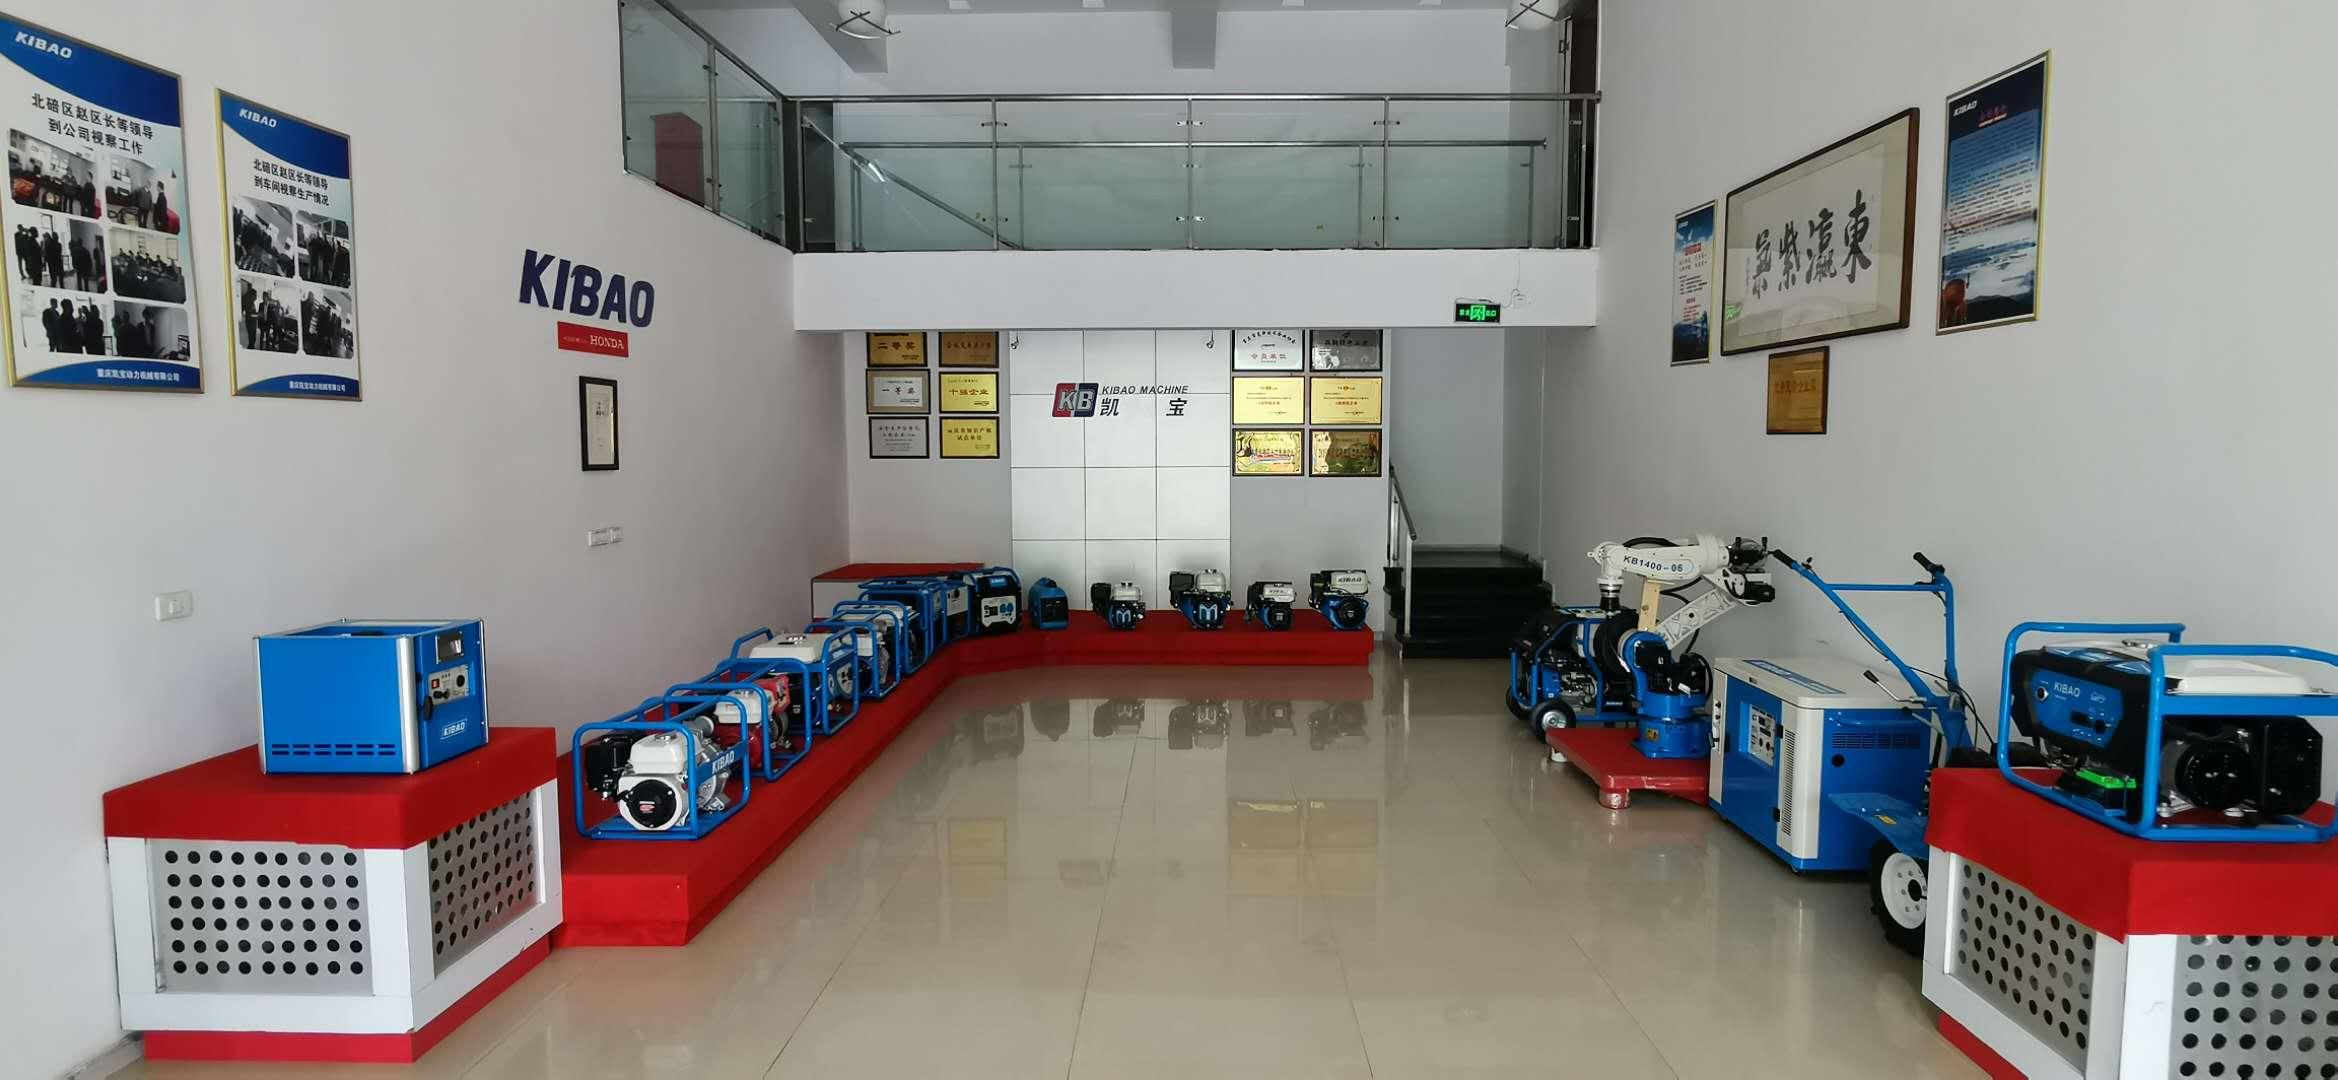 CHONGQING KIBAO POWER MACHINE CO., LTD.